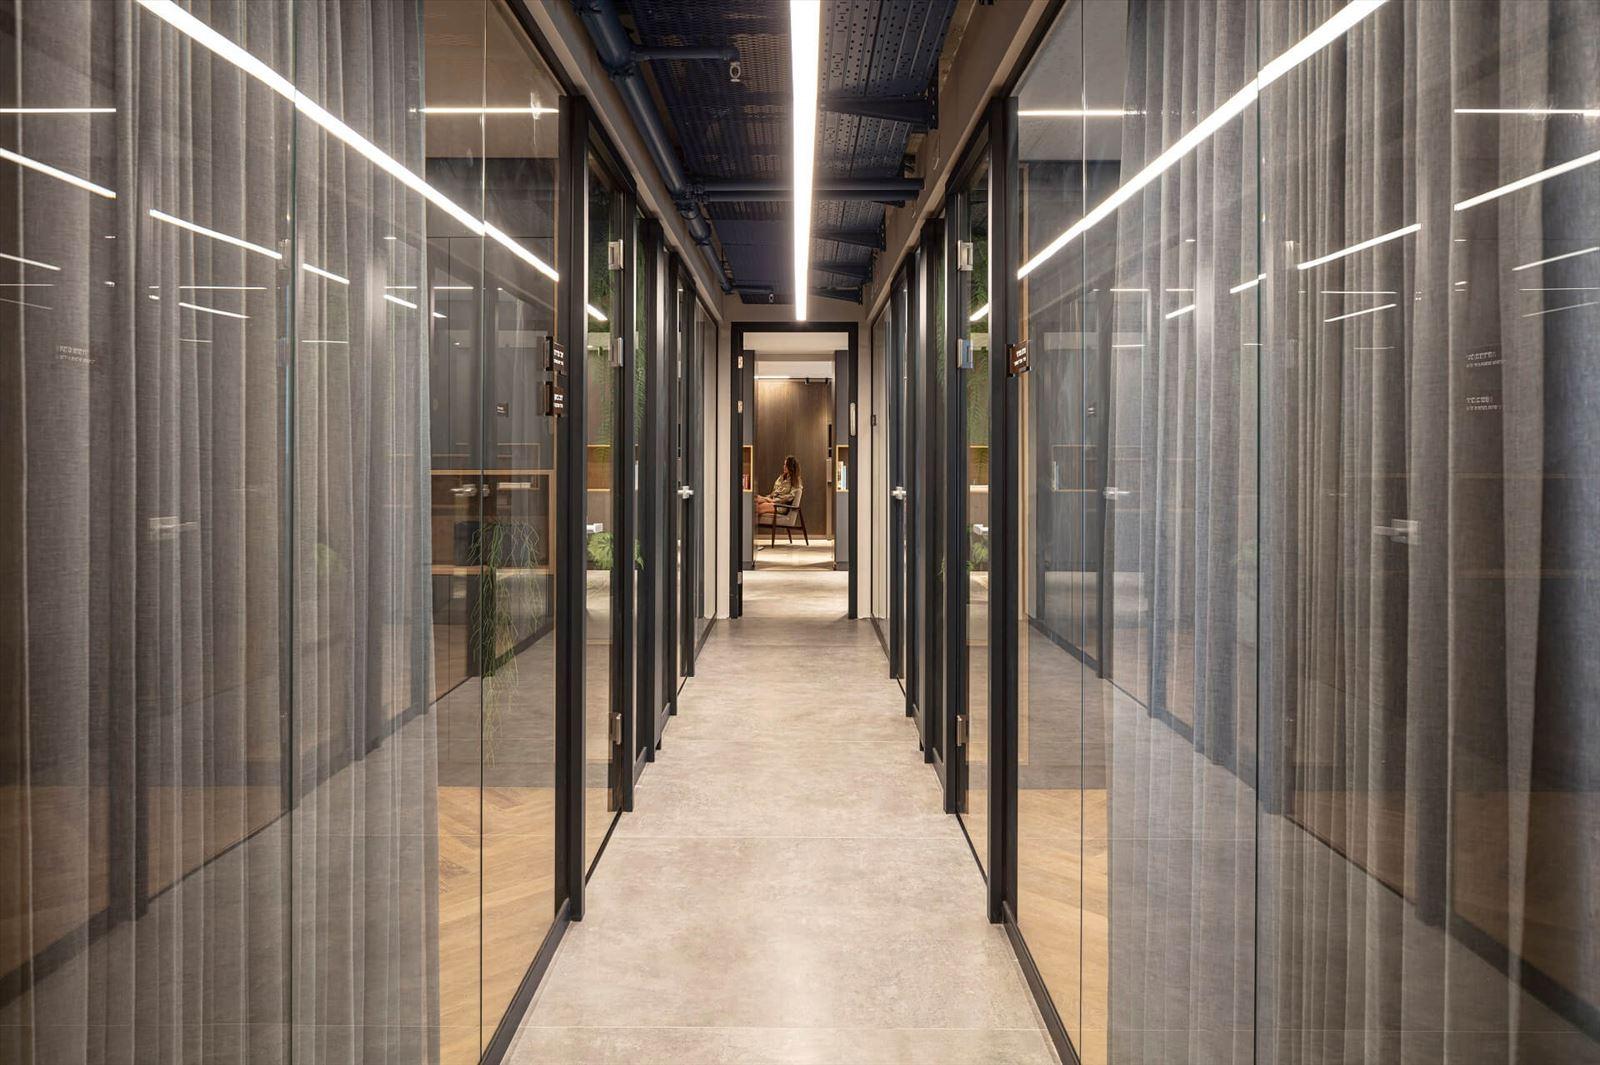 תאורת תקרה במסדרון המשרדים מבית קמחי תאורה